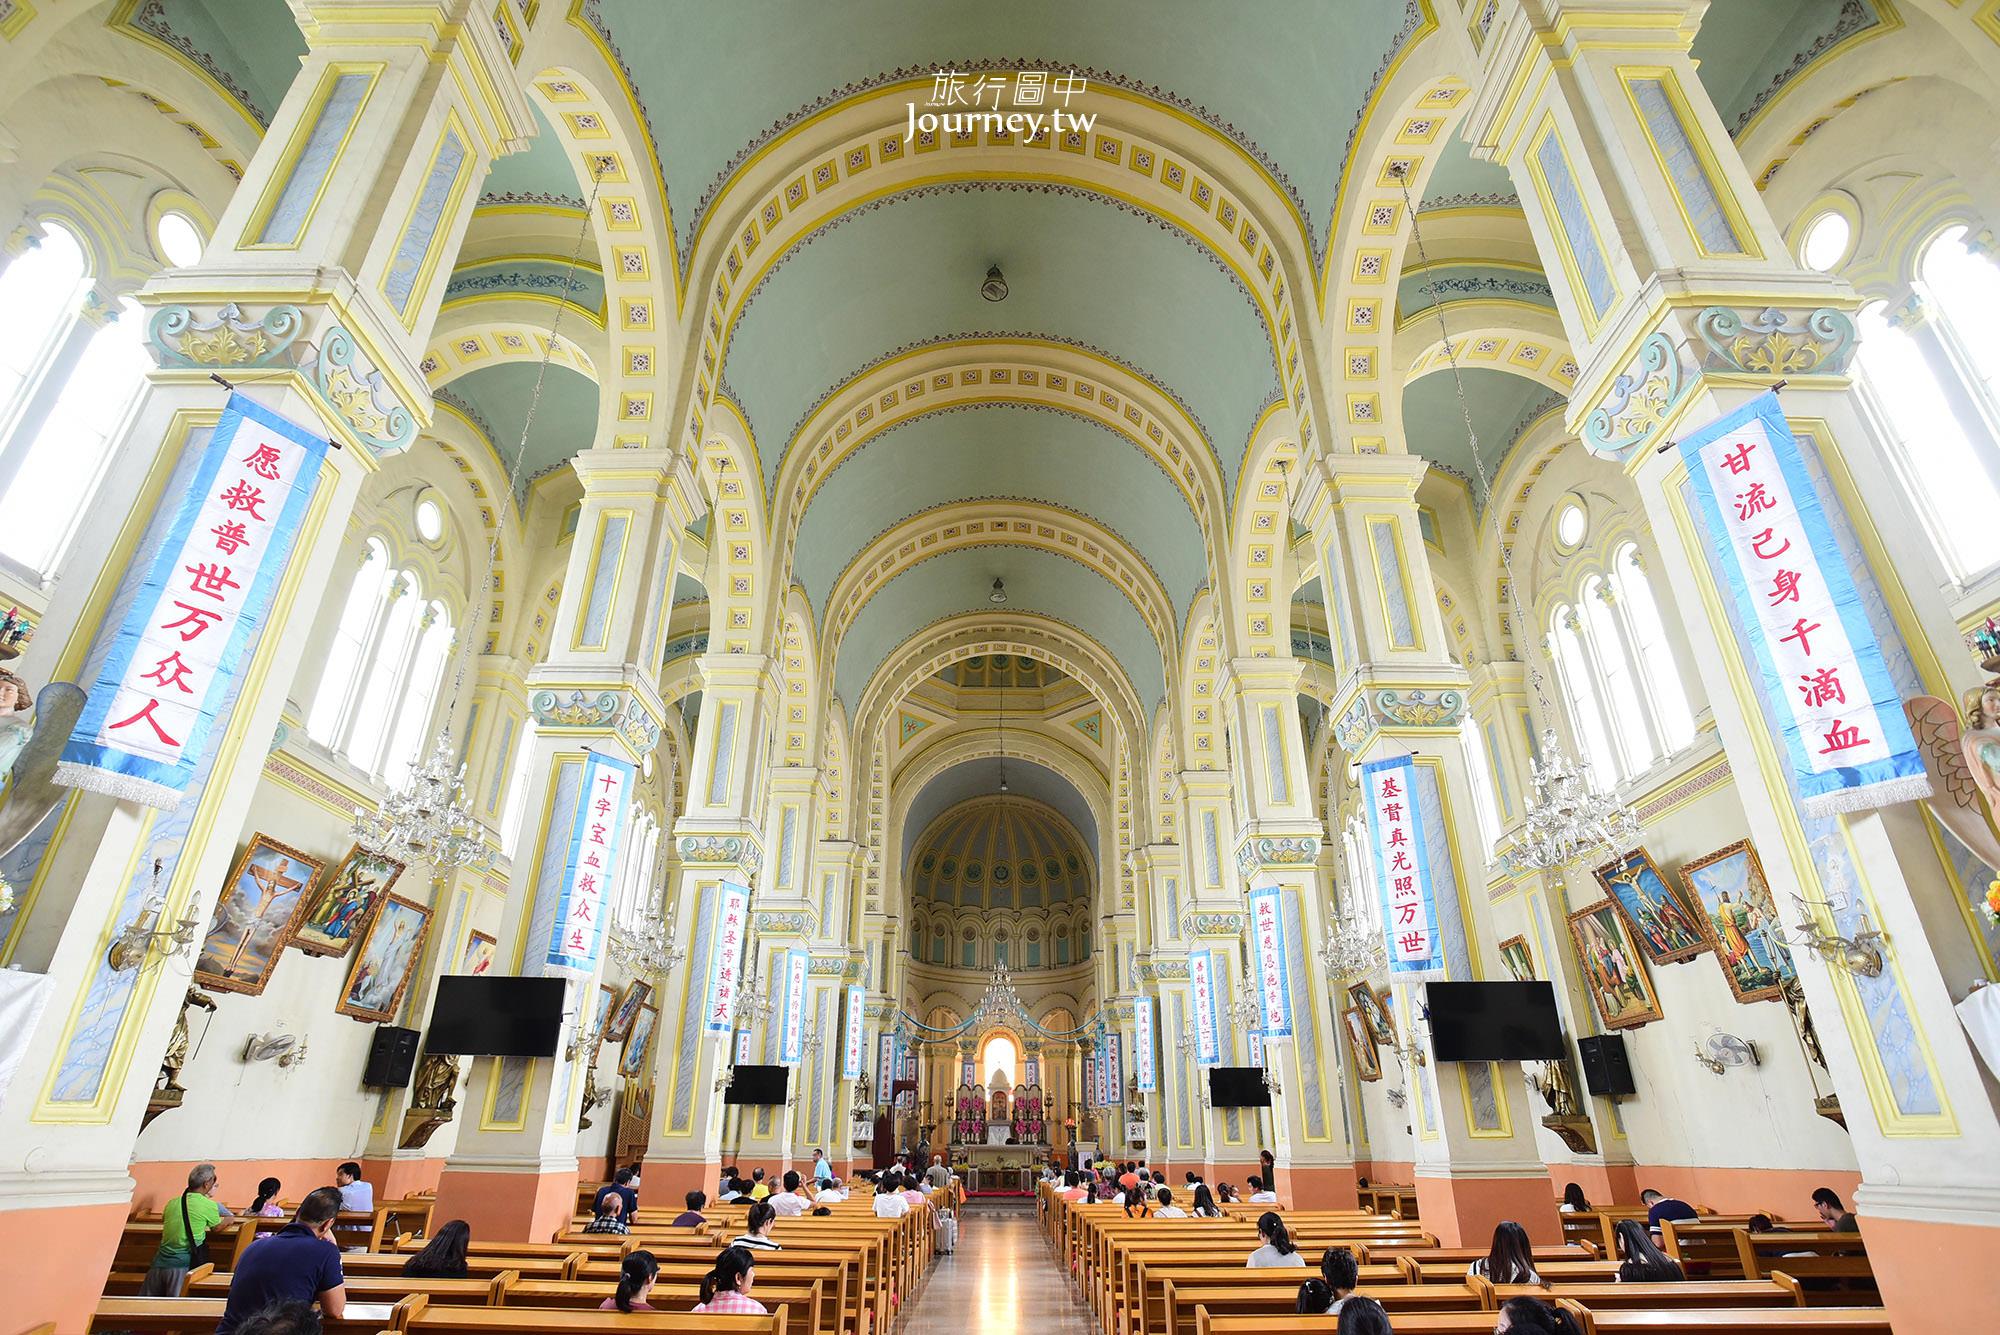 天津,天津景點,西開教堂,法國教堂,天津自由行